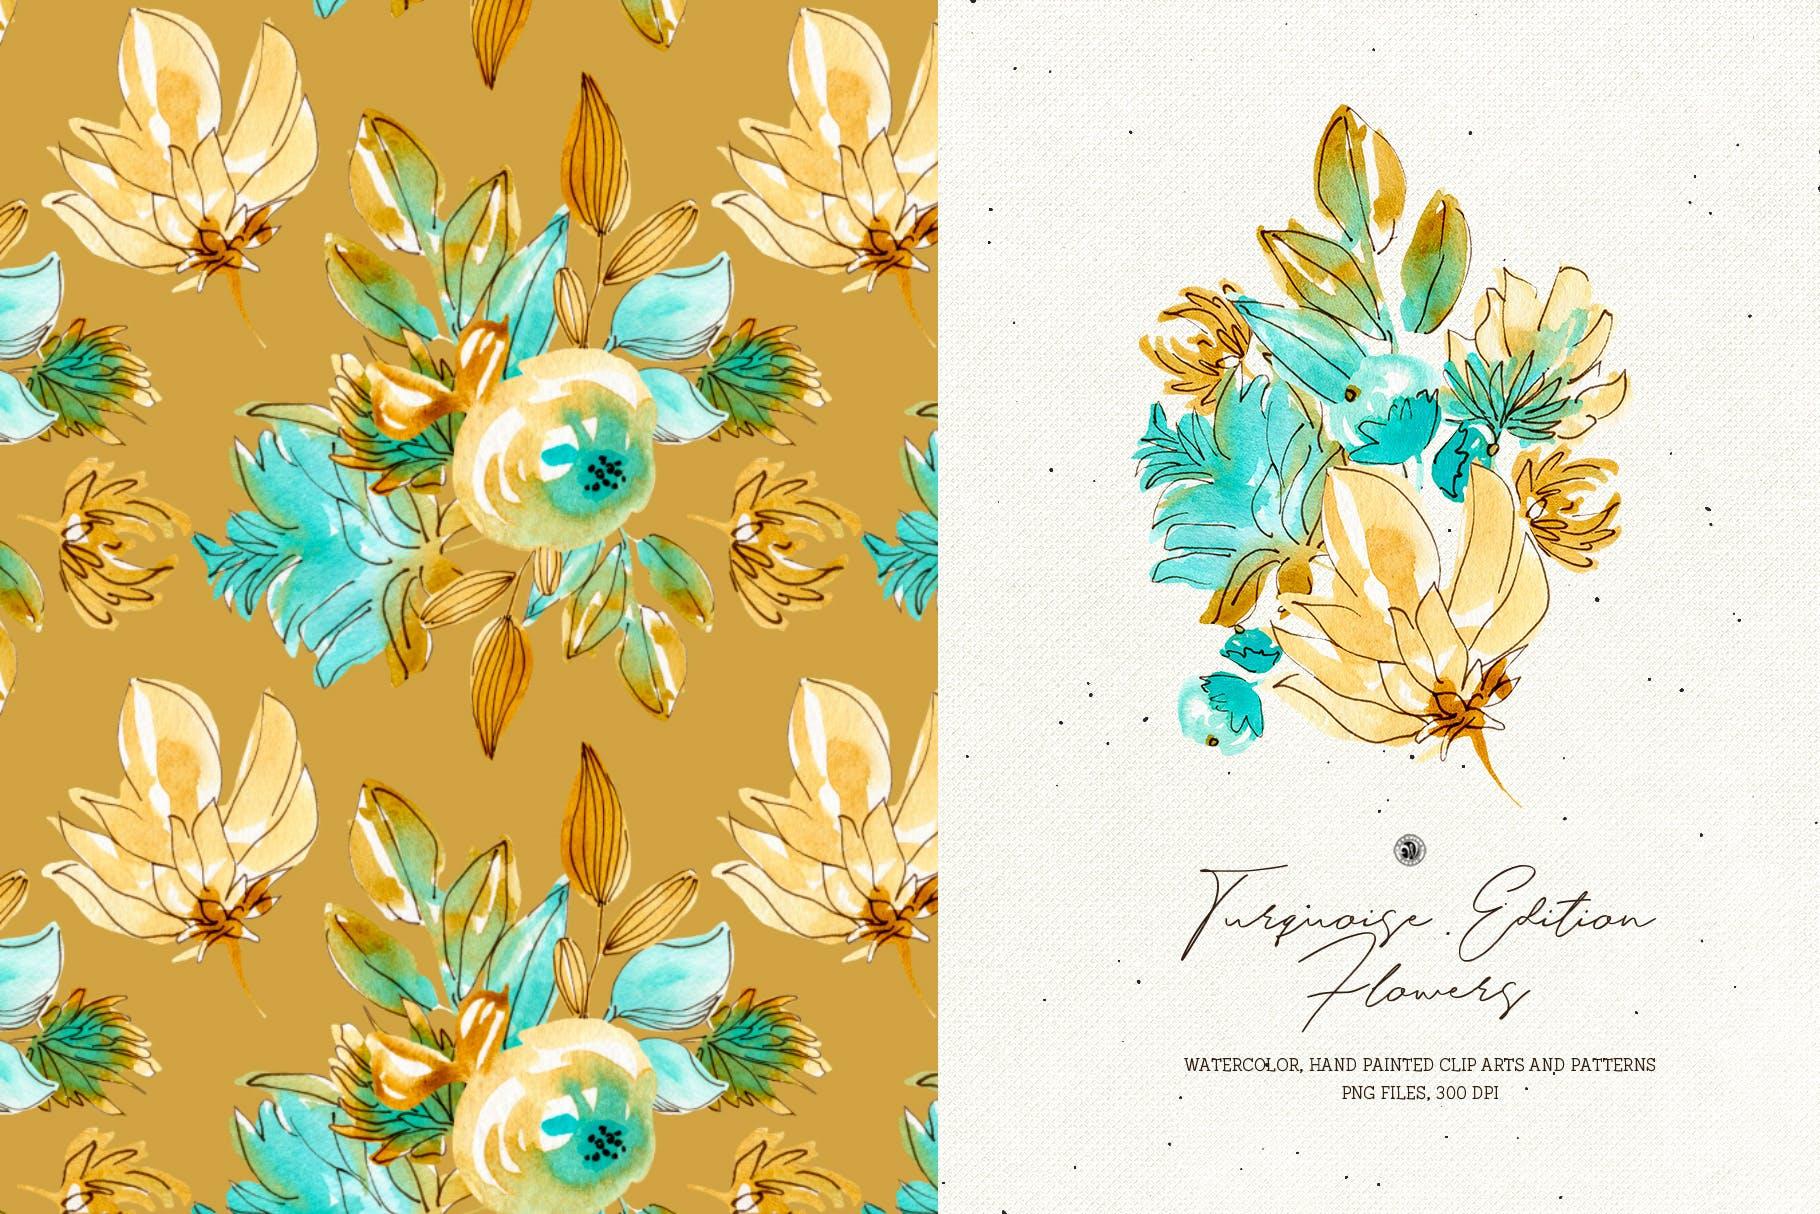 绿松石版水彩花/手绘水彩画/剪贴艺术图案Turquoise Edition Flowers插图(2)